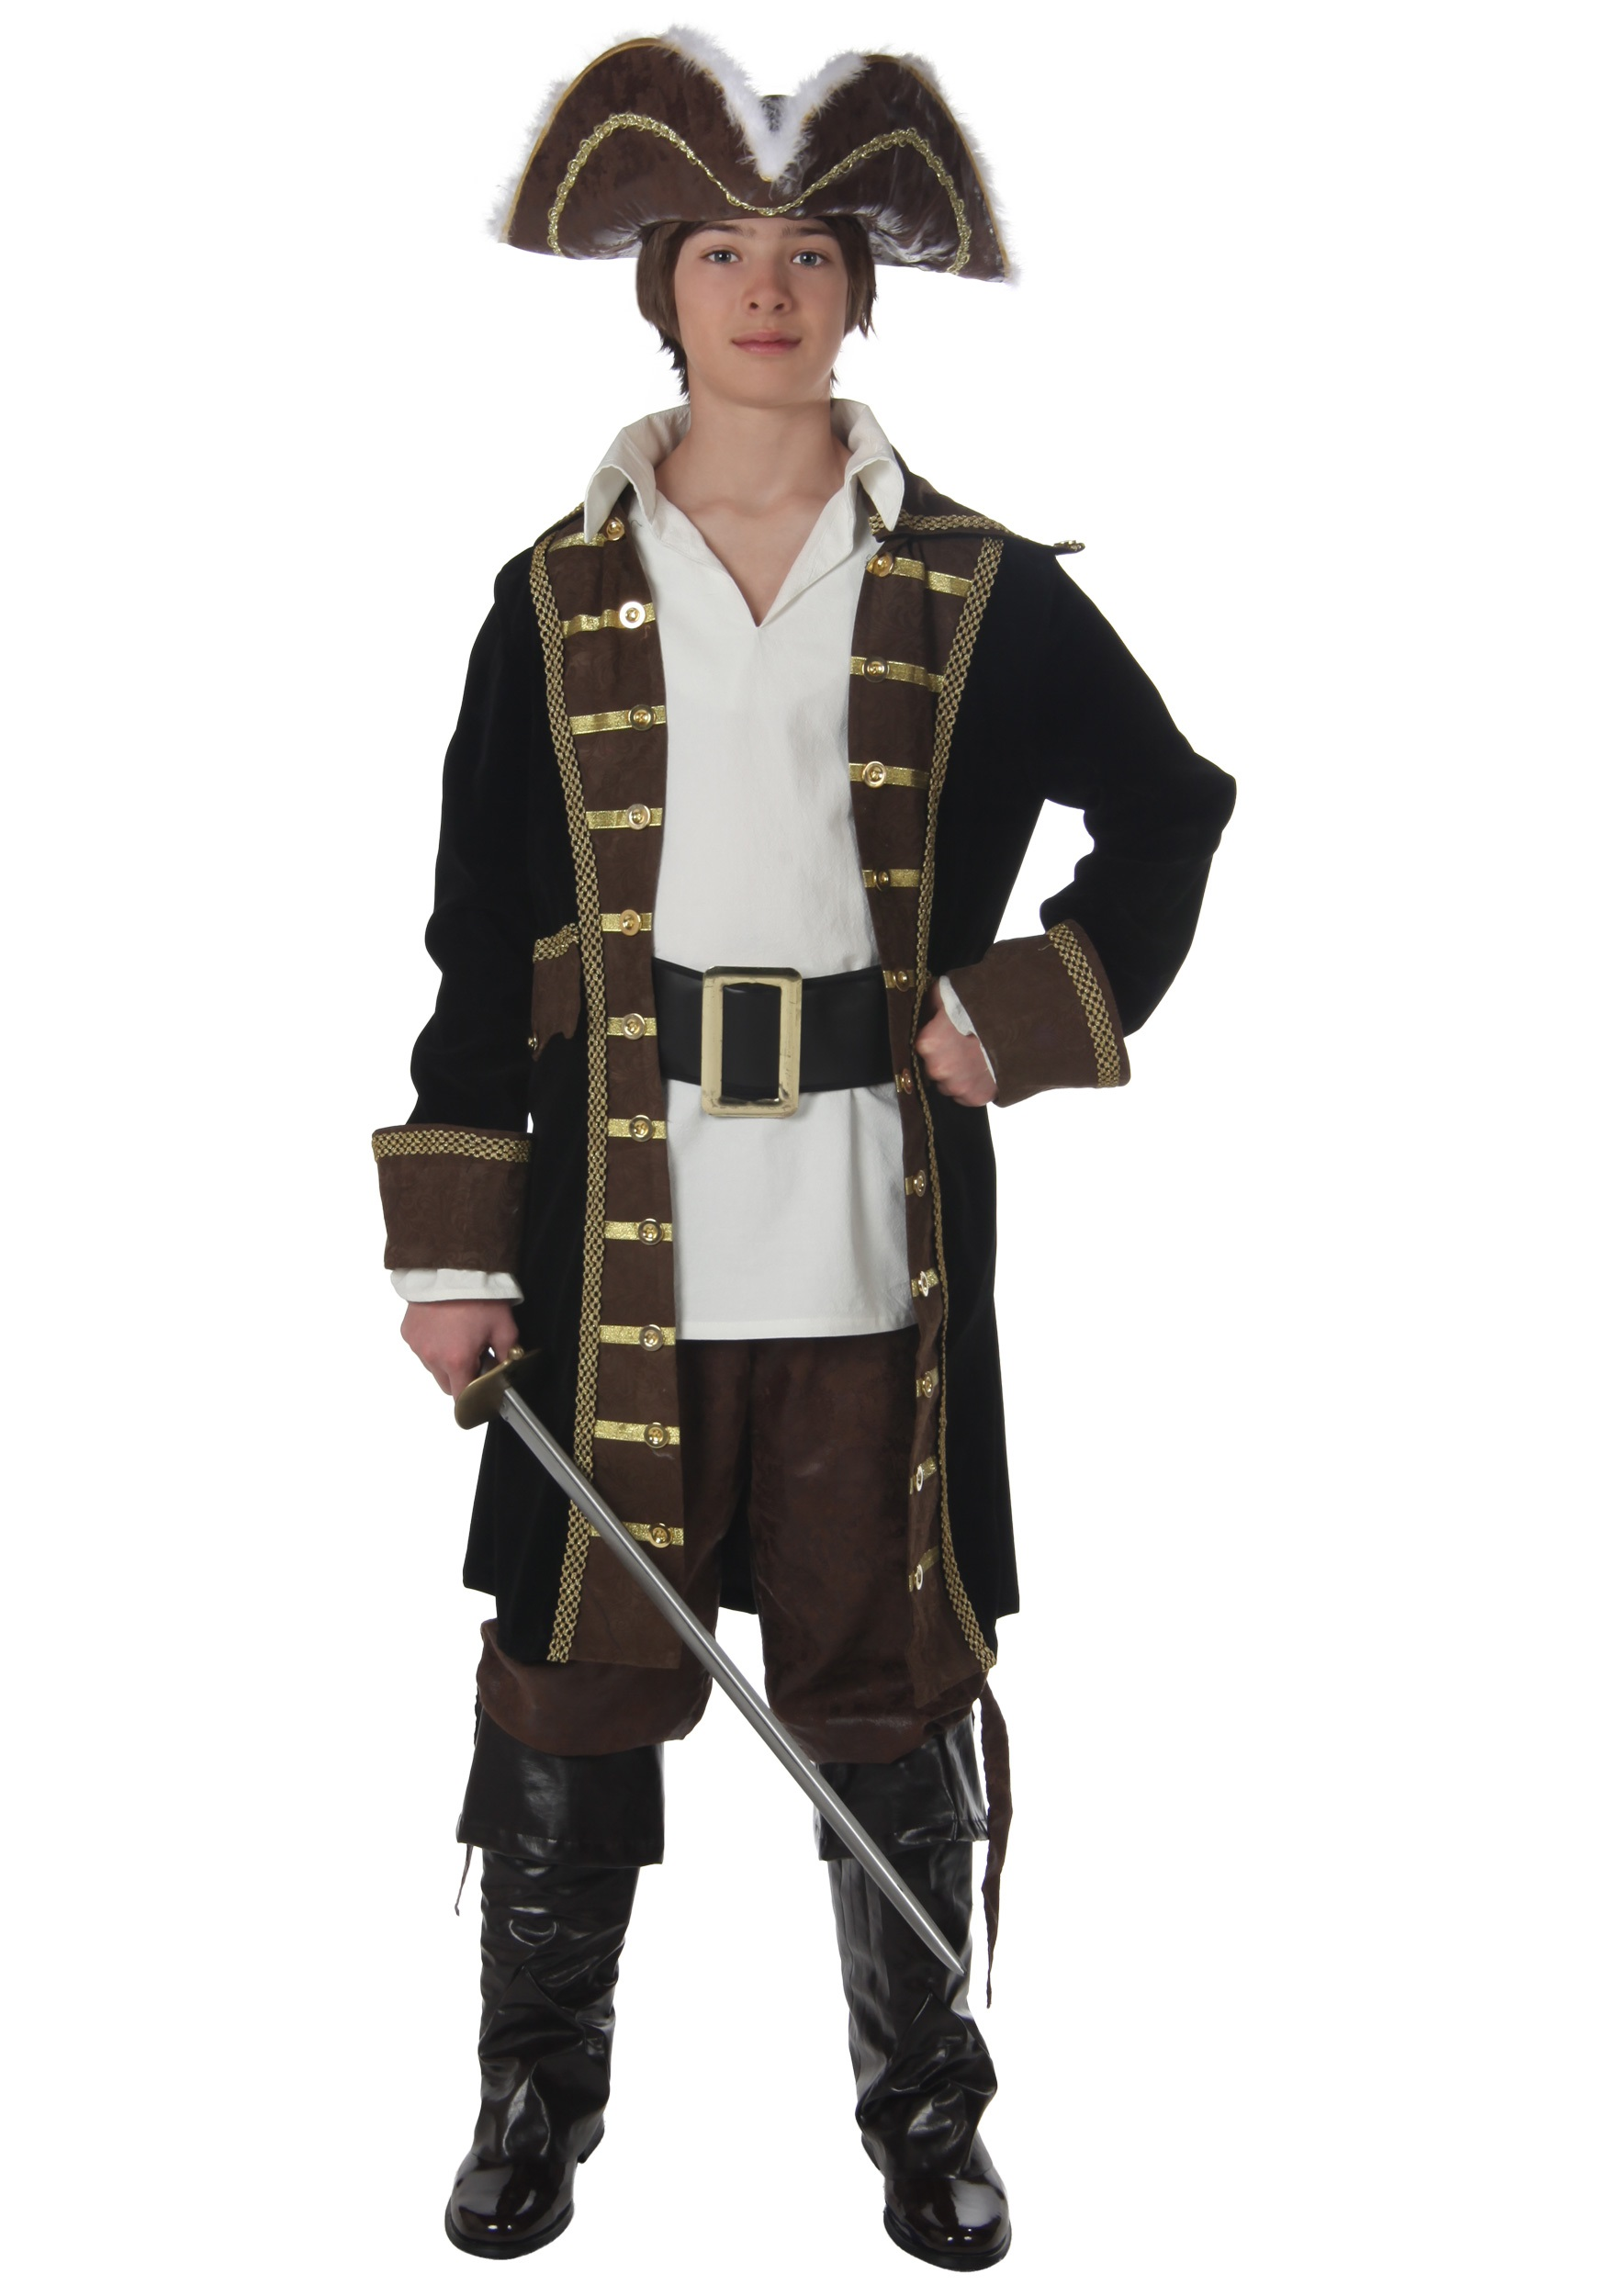 Authentic Pirate Costumes